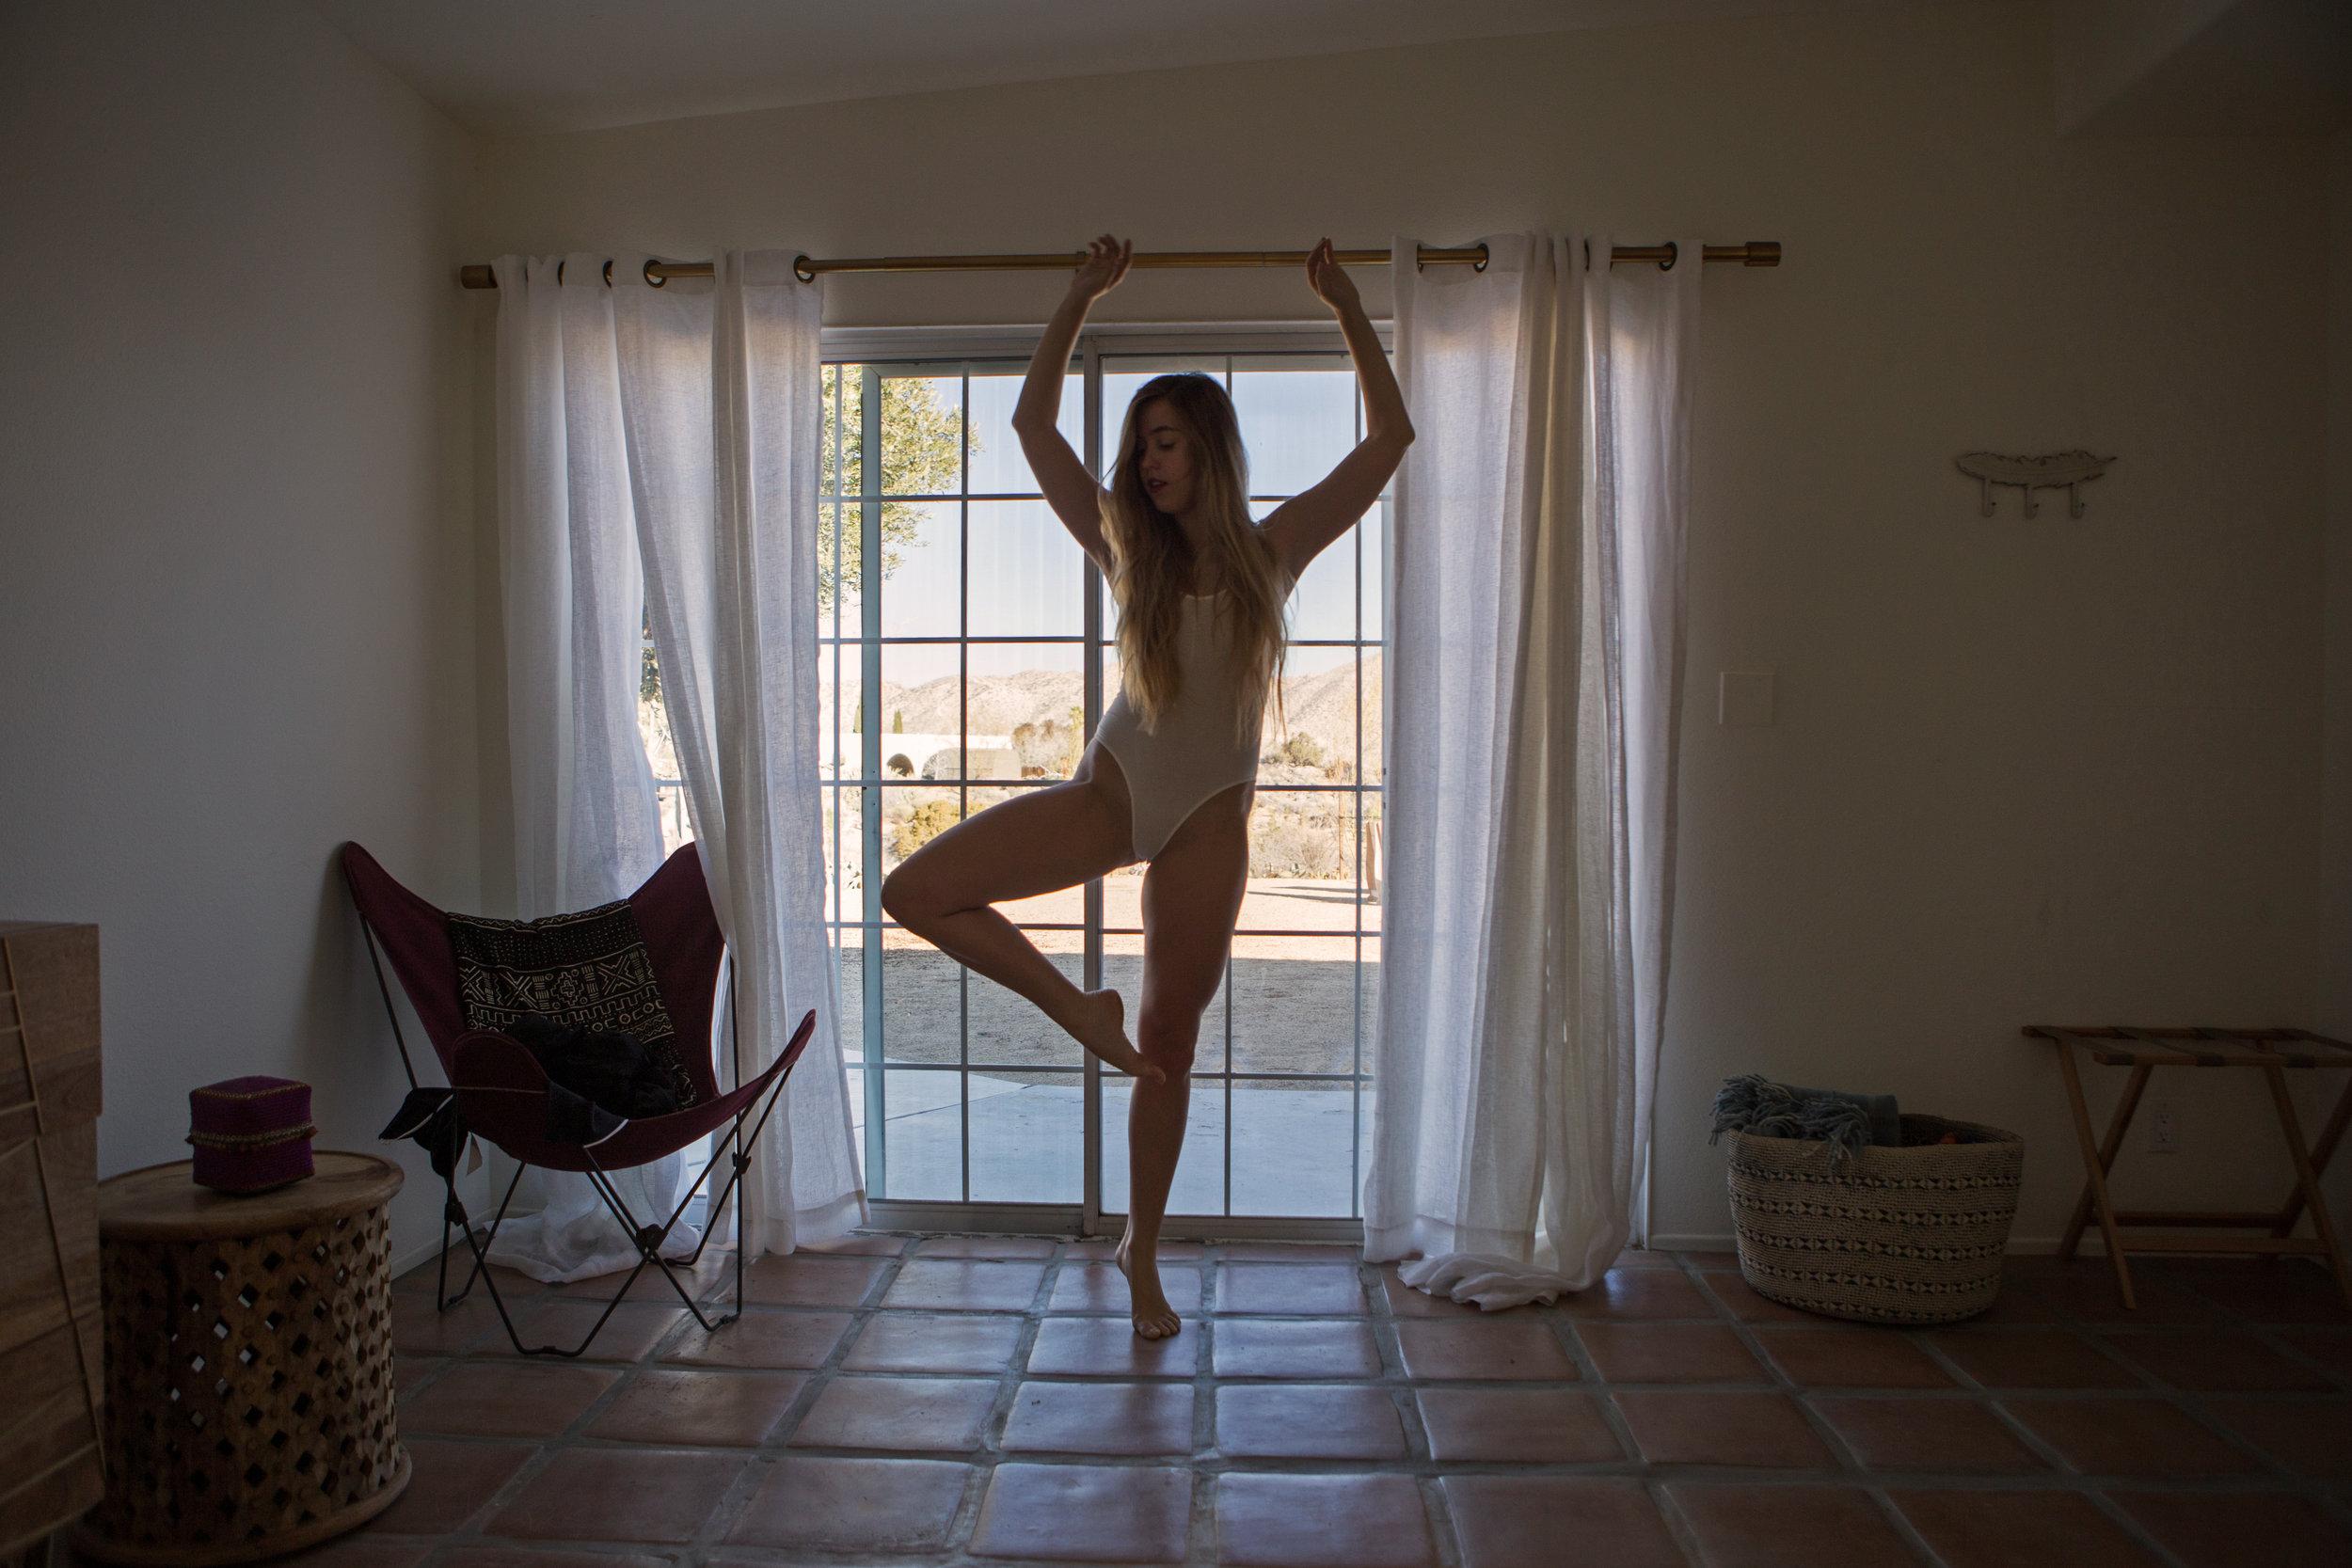 AstroBandit_JordanRose_CactusMoonRetreat_JoshuaTree_Dancing_4.jpg